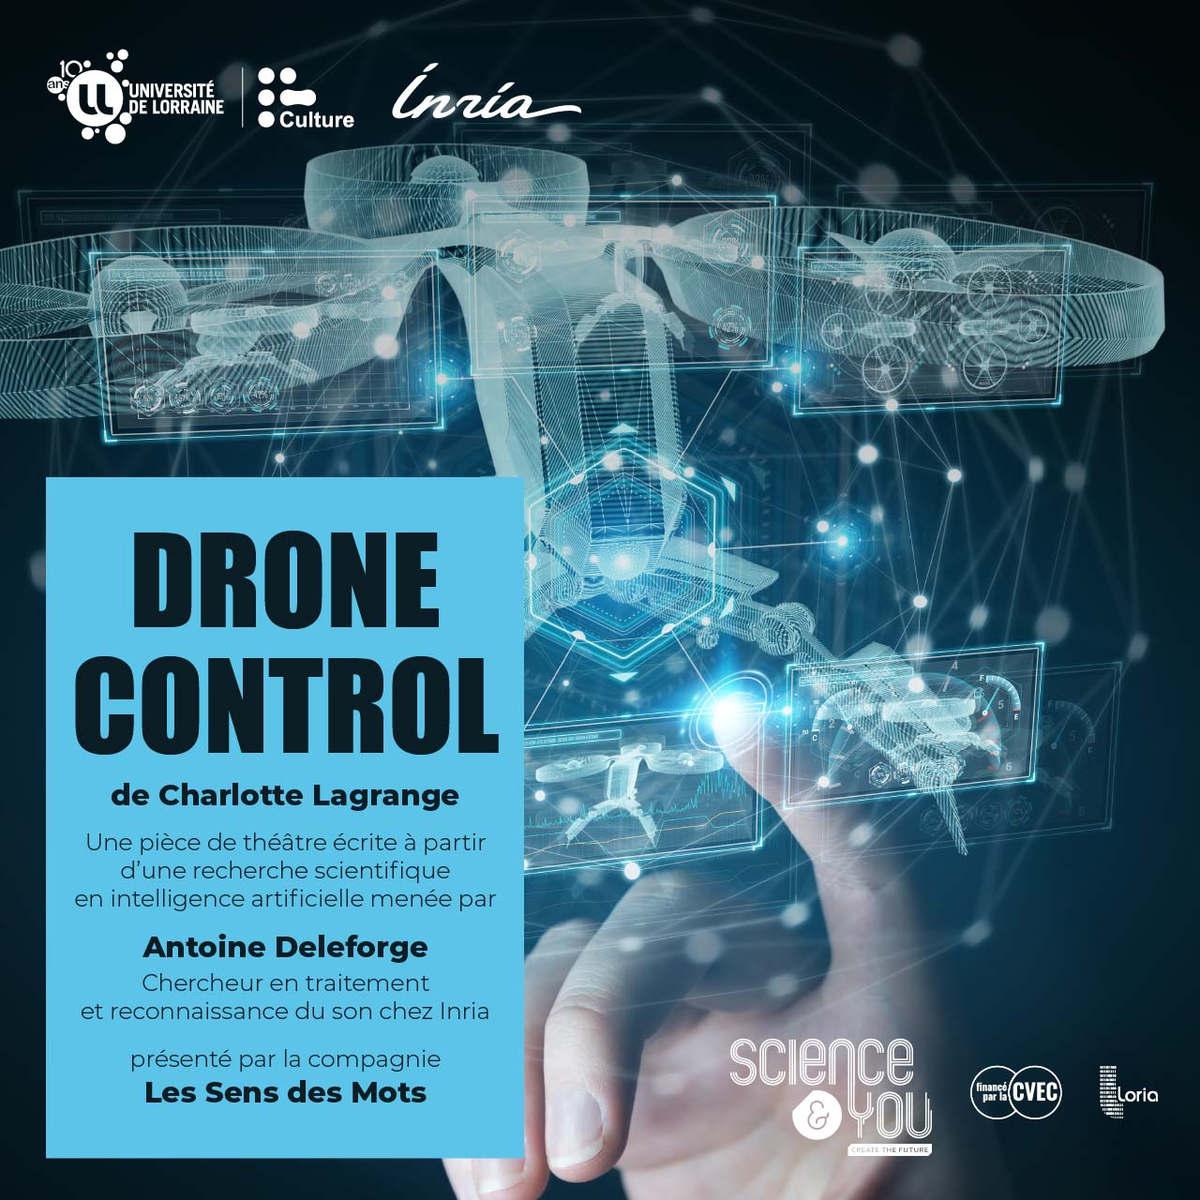 Drone control (Université de Lorraine)